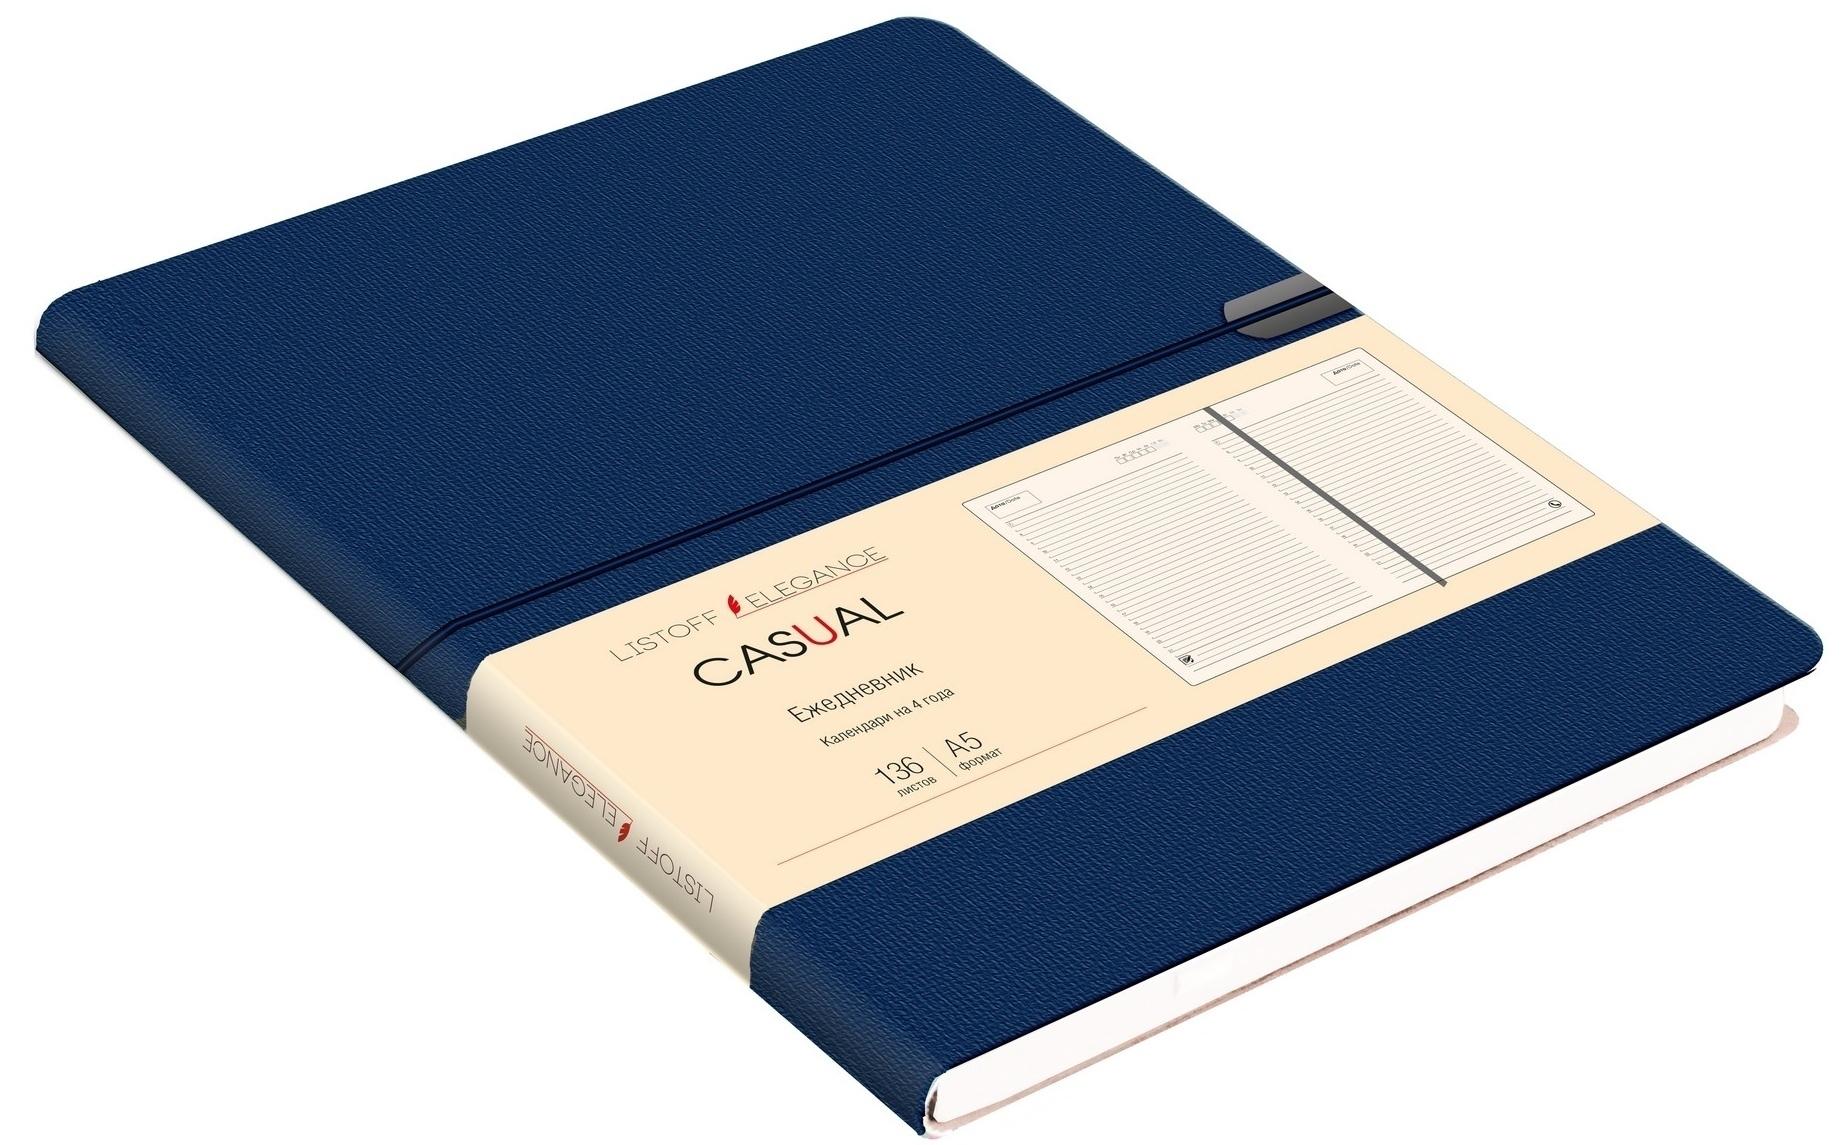 """Ежедневник недатированный """"Casual"""" А5, 136 листов, синий бренда Эксмо – купить по цене 400 руб. в интернет-магазине Республика, 522365."""